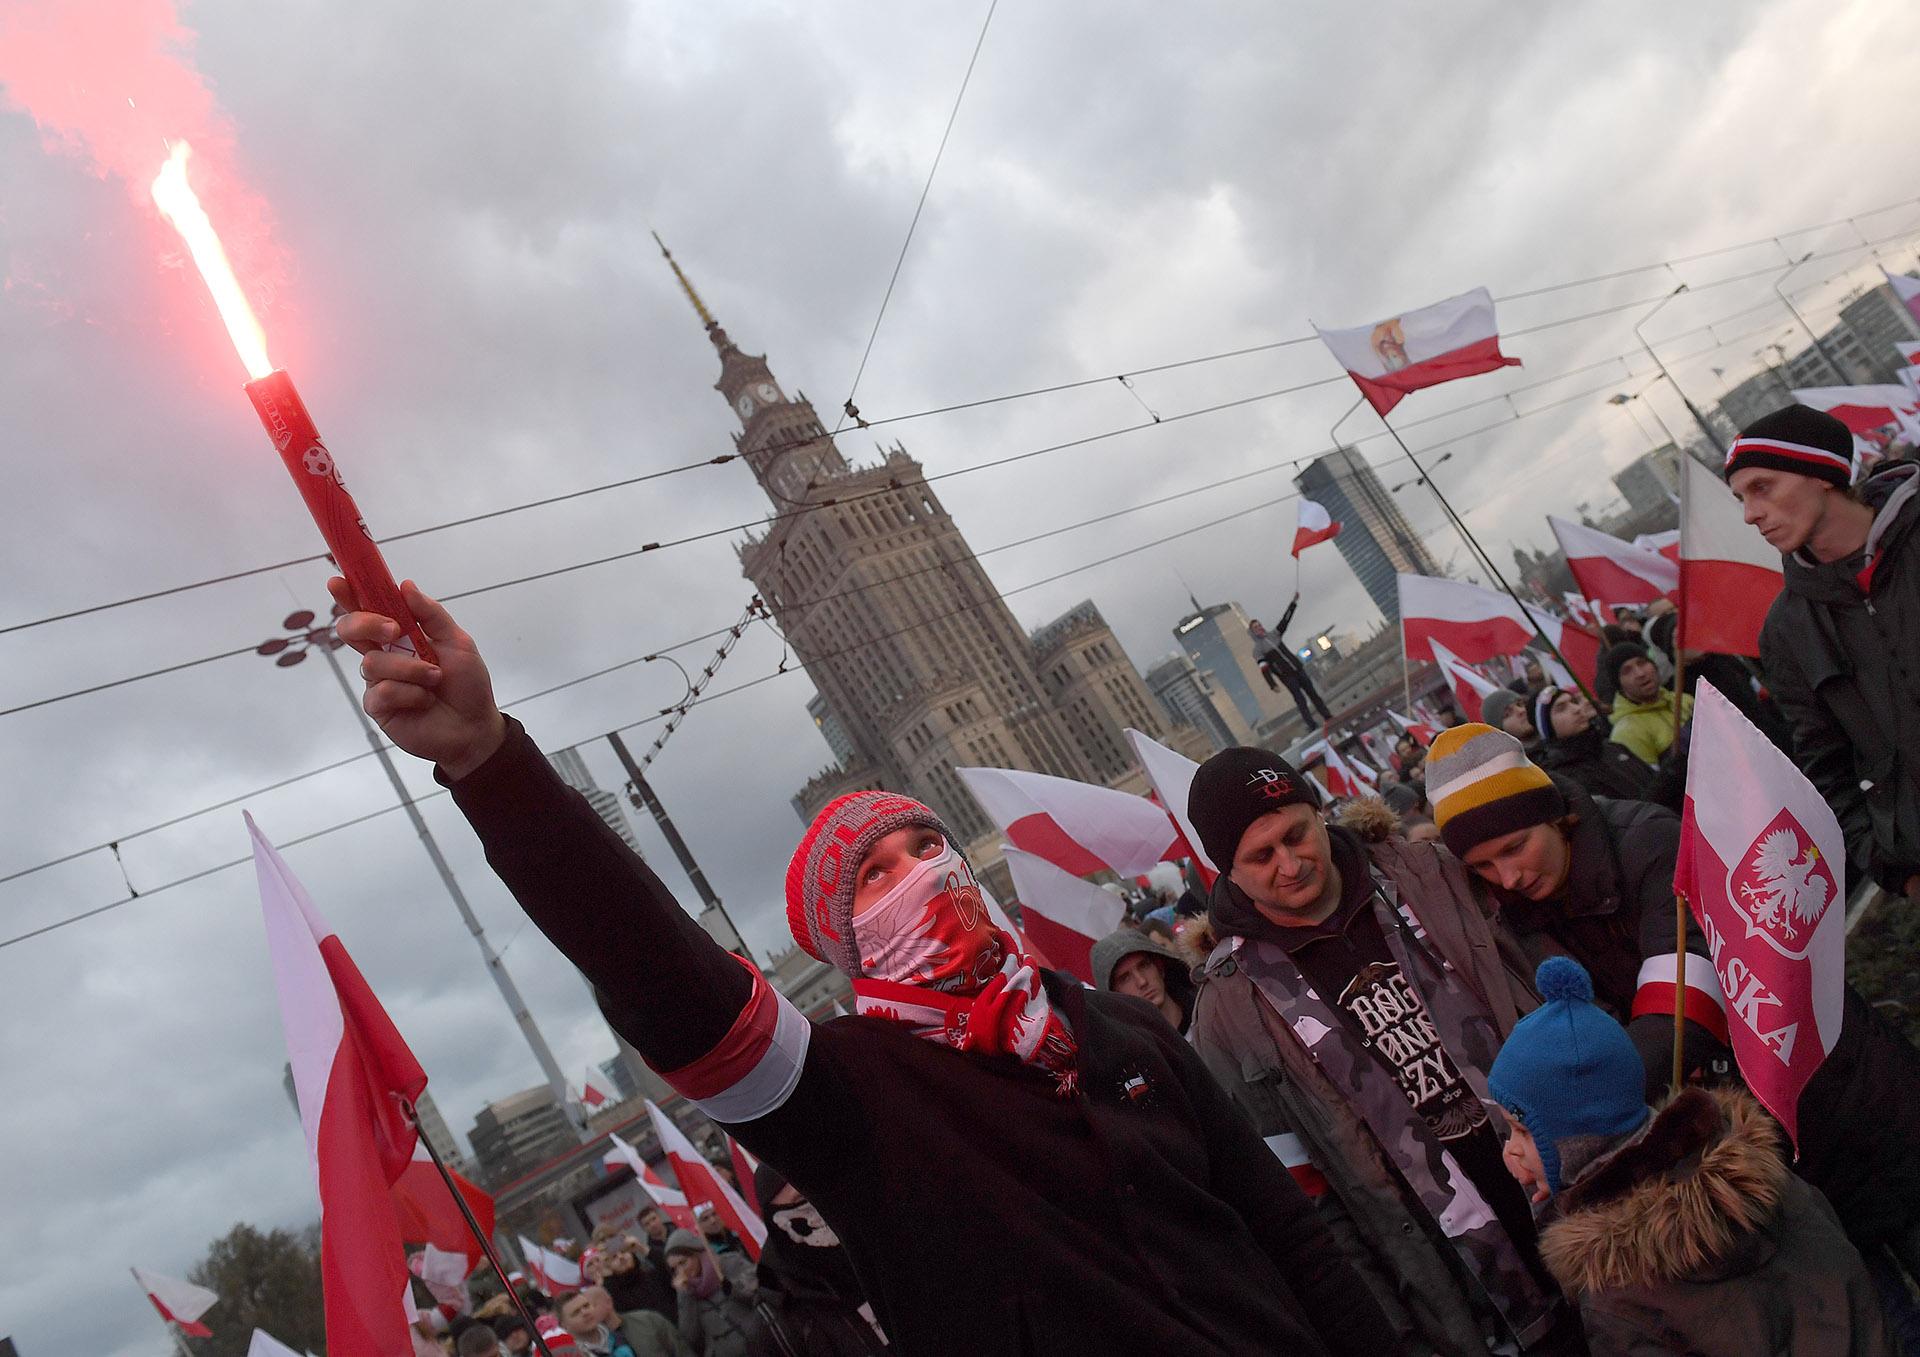 Esta marcha anual organizada por grupos nacionalistas para conmemorar la independencia de Polonia nació en 2009, y cada año ha ido creciendo hasta convertirse en un fenómeno social